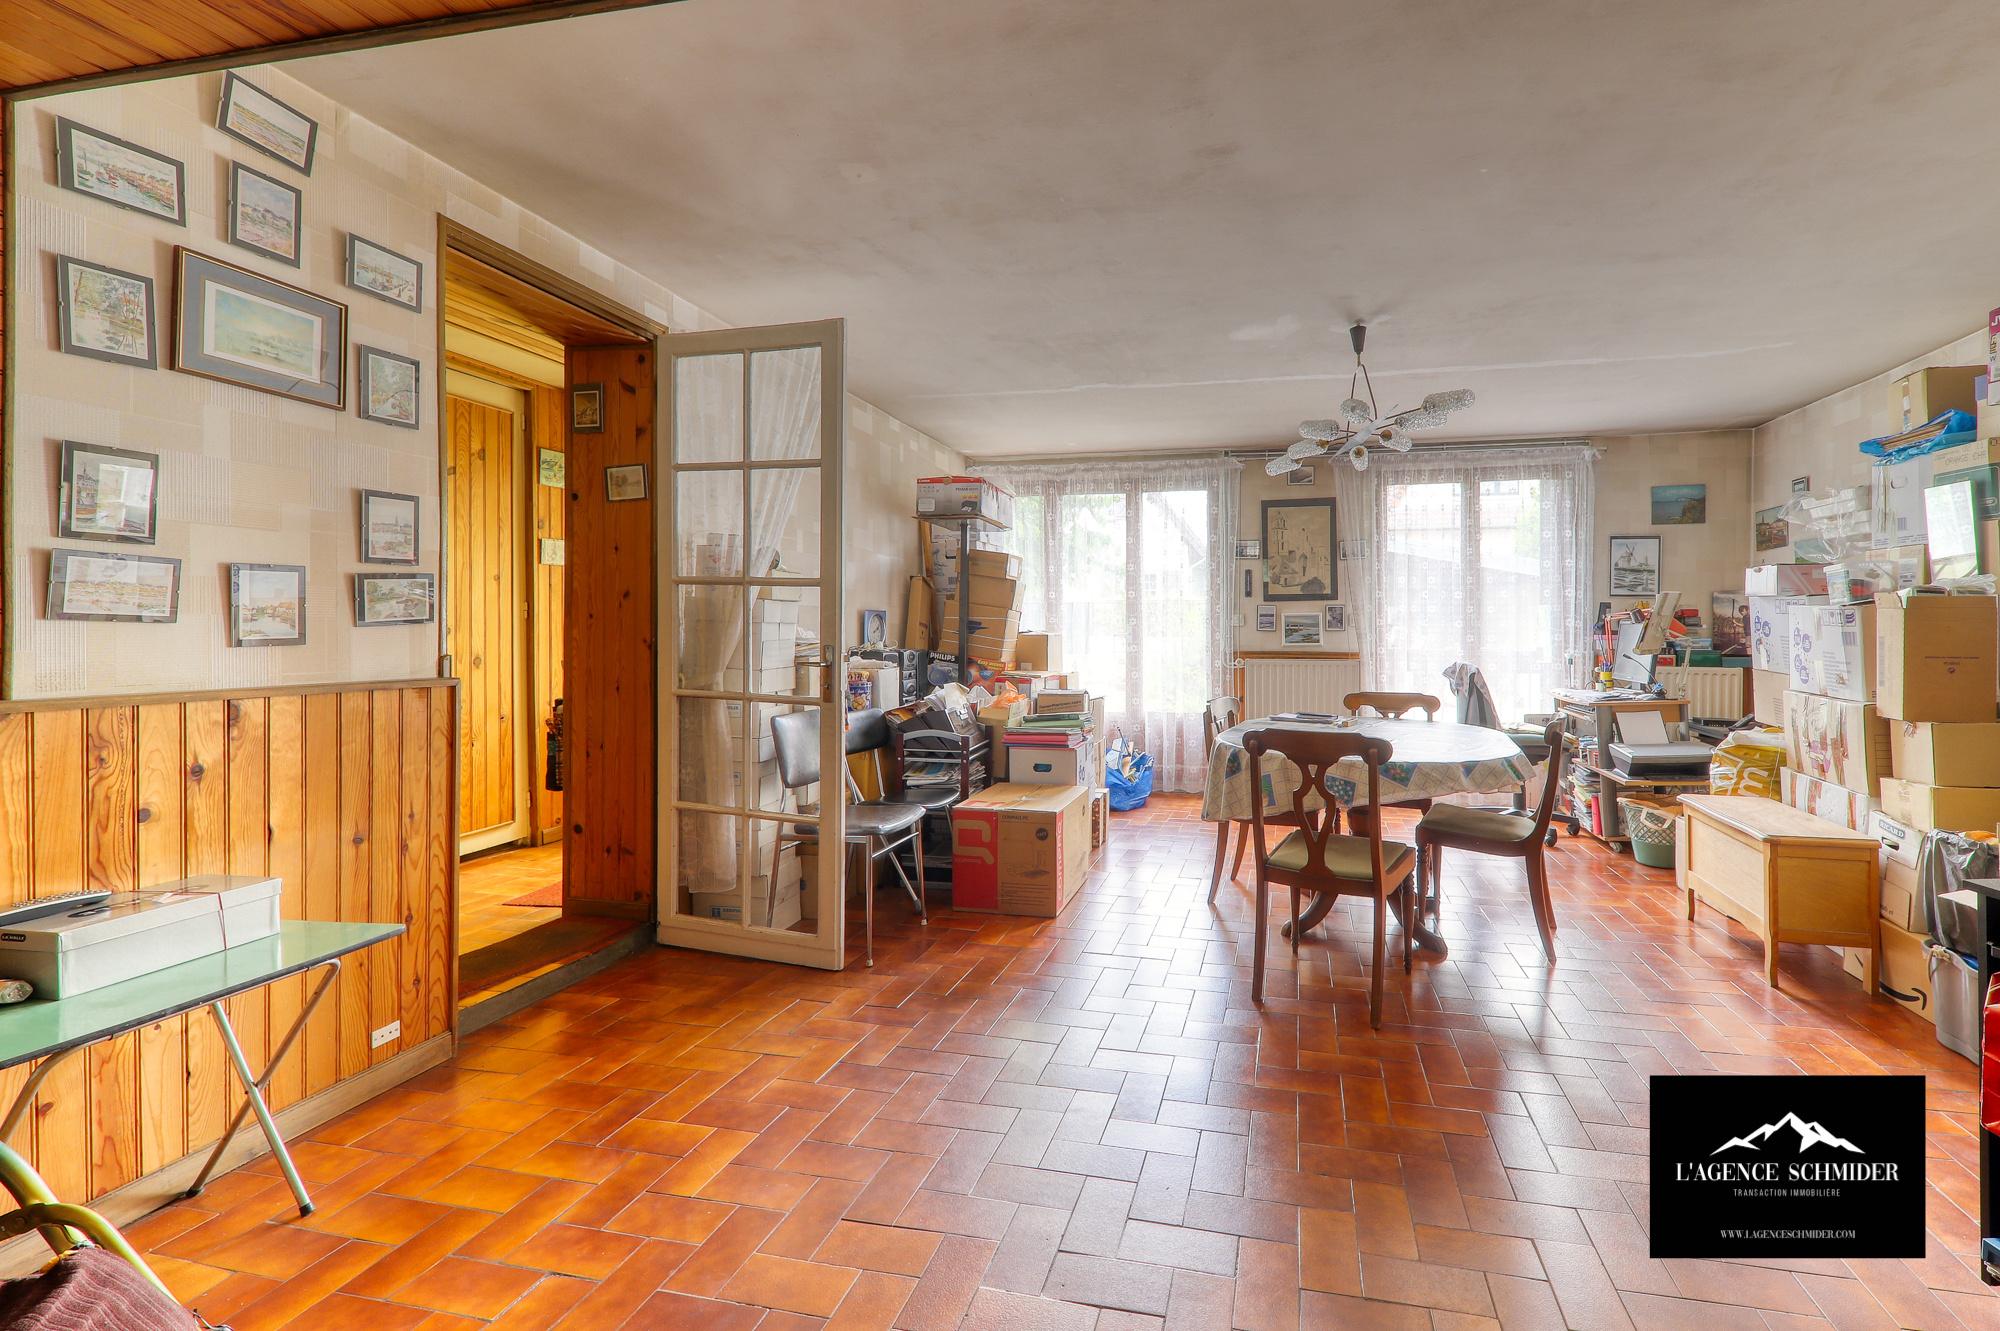 Vente A Creteil Une Maison Exptionnelle Limite Maison Alfort Et Bord De Marne Maison Familiale